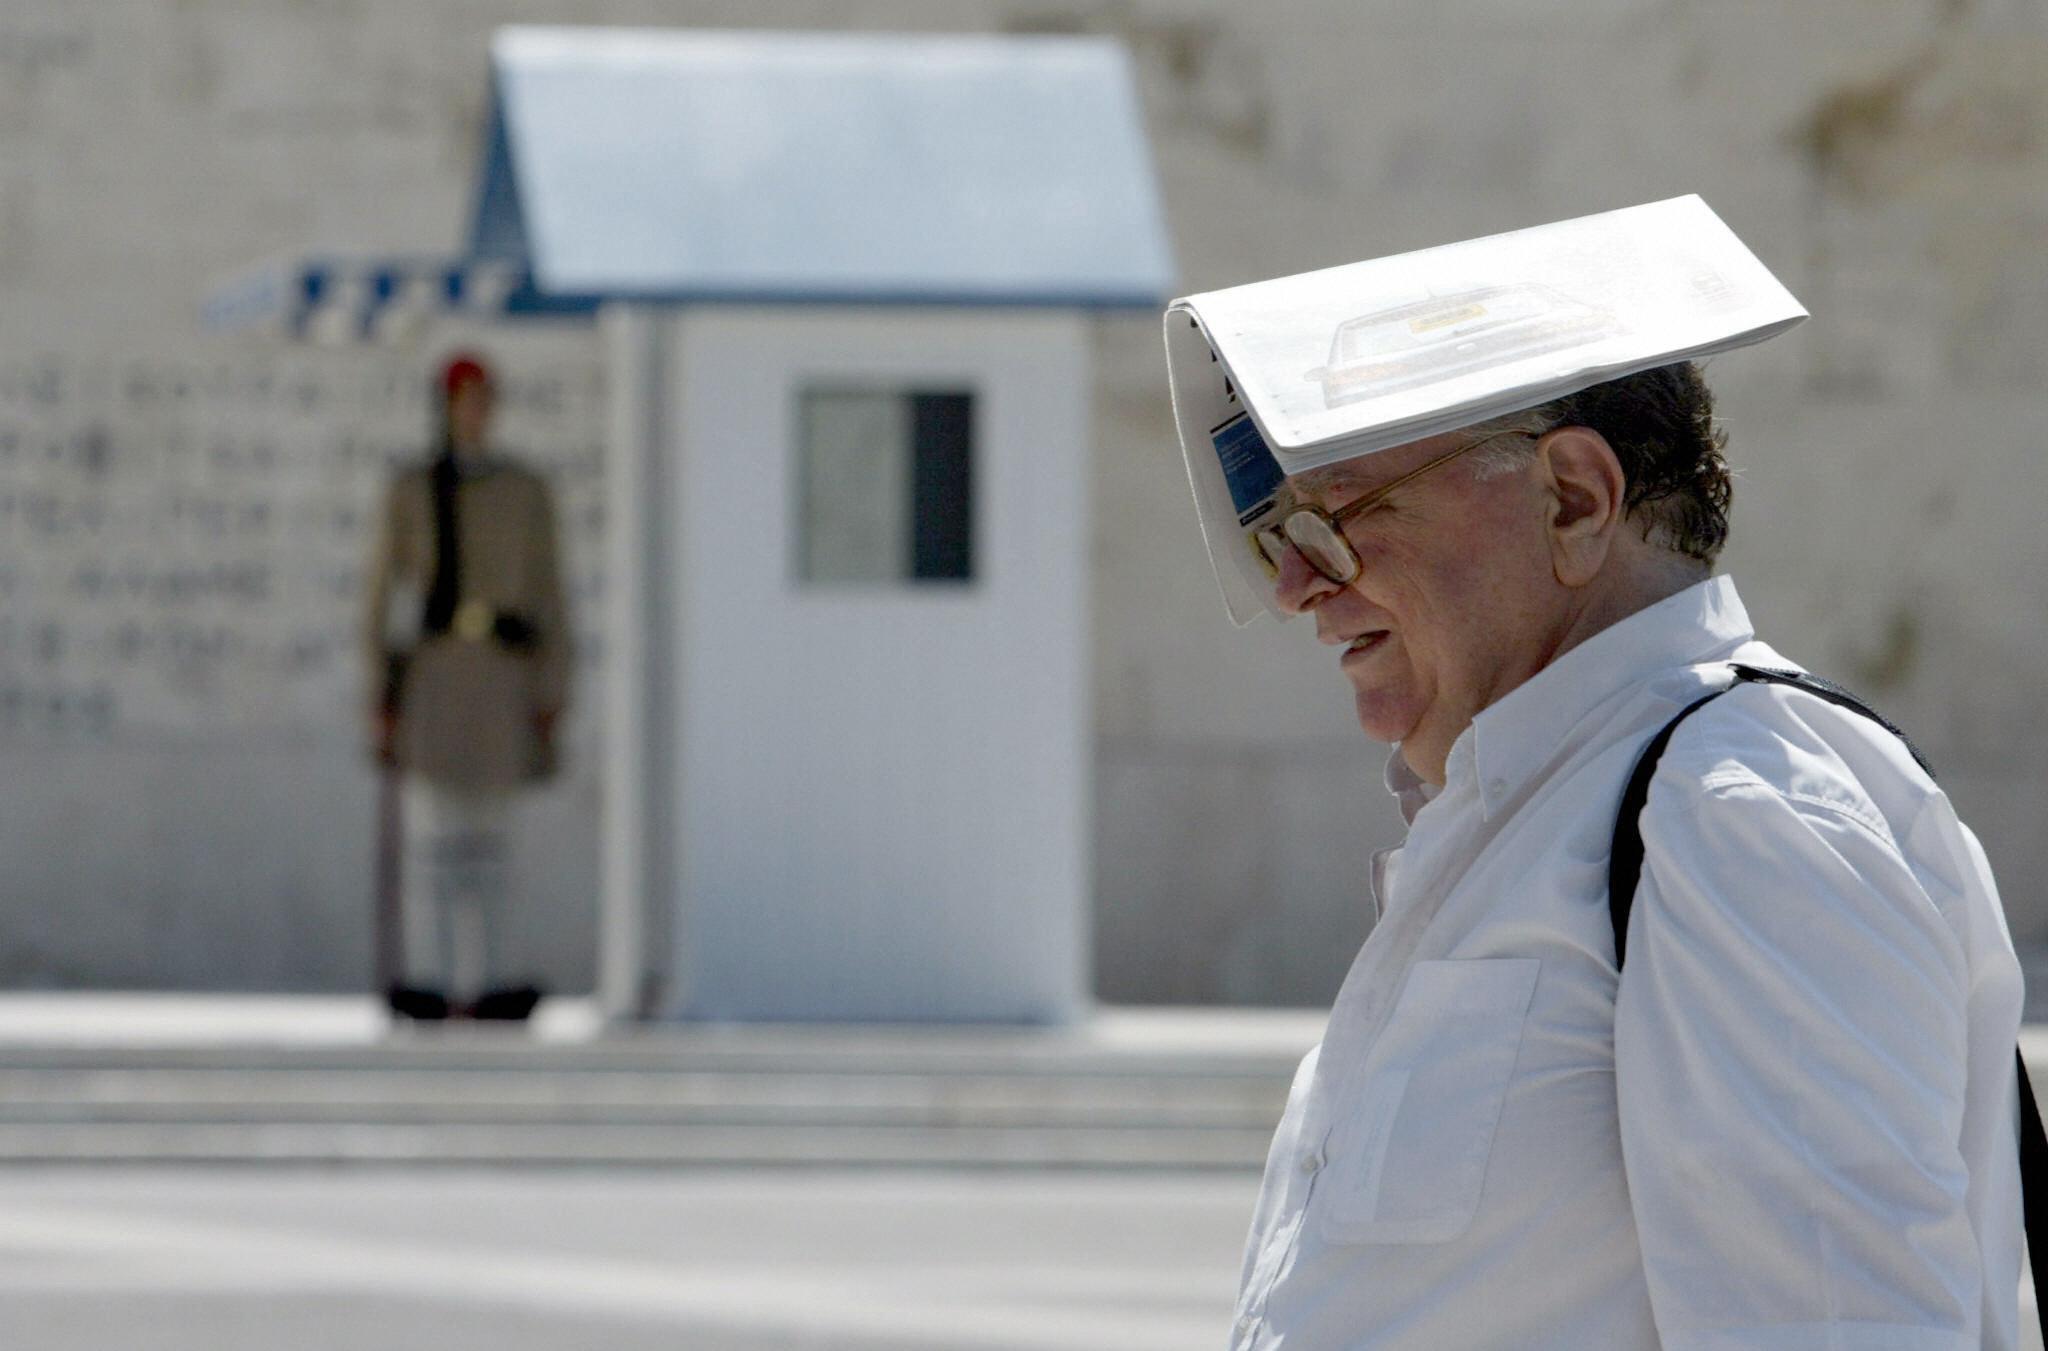 Το κλίμα της Ελλάδας αλλάζει ραγδαία: Έως 4,5 βαθμούς θα αυξηθεί η θερμοκρασία τα επόμενα